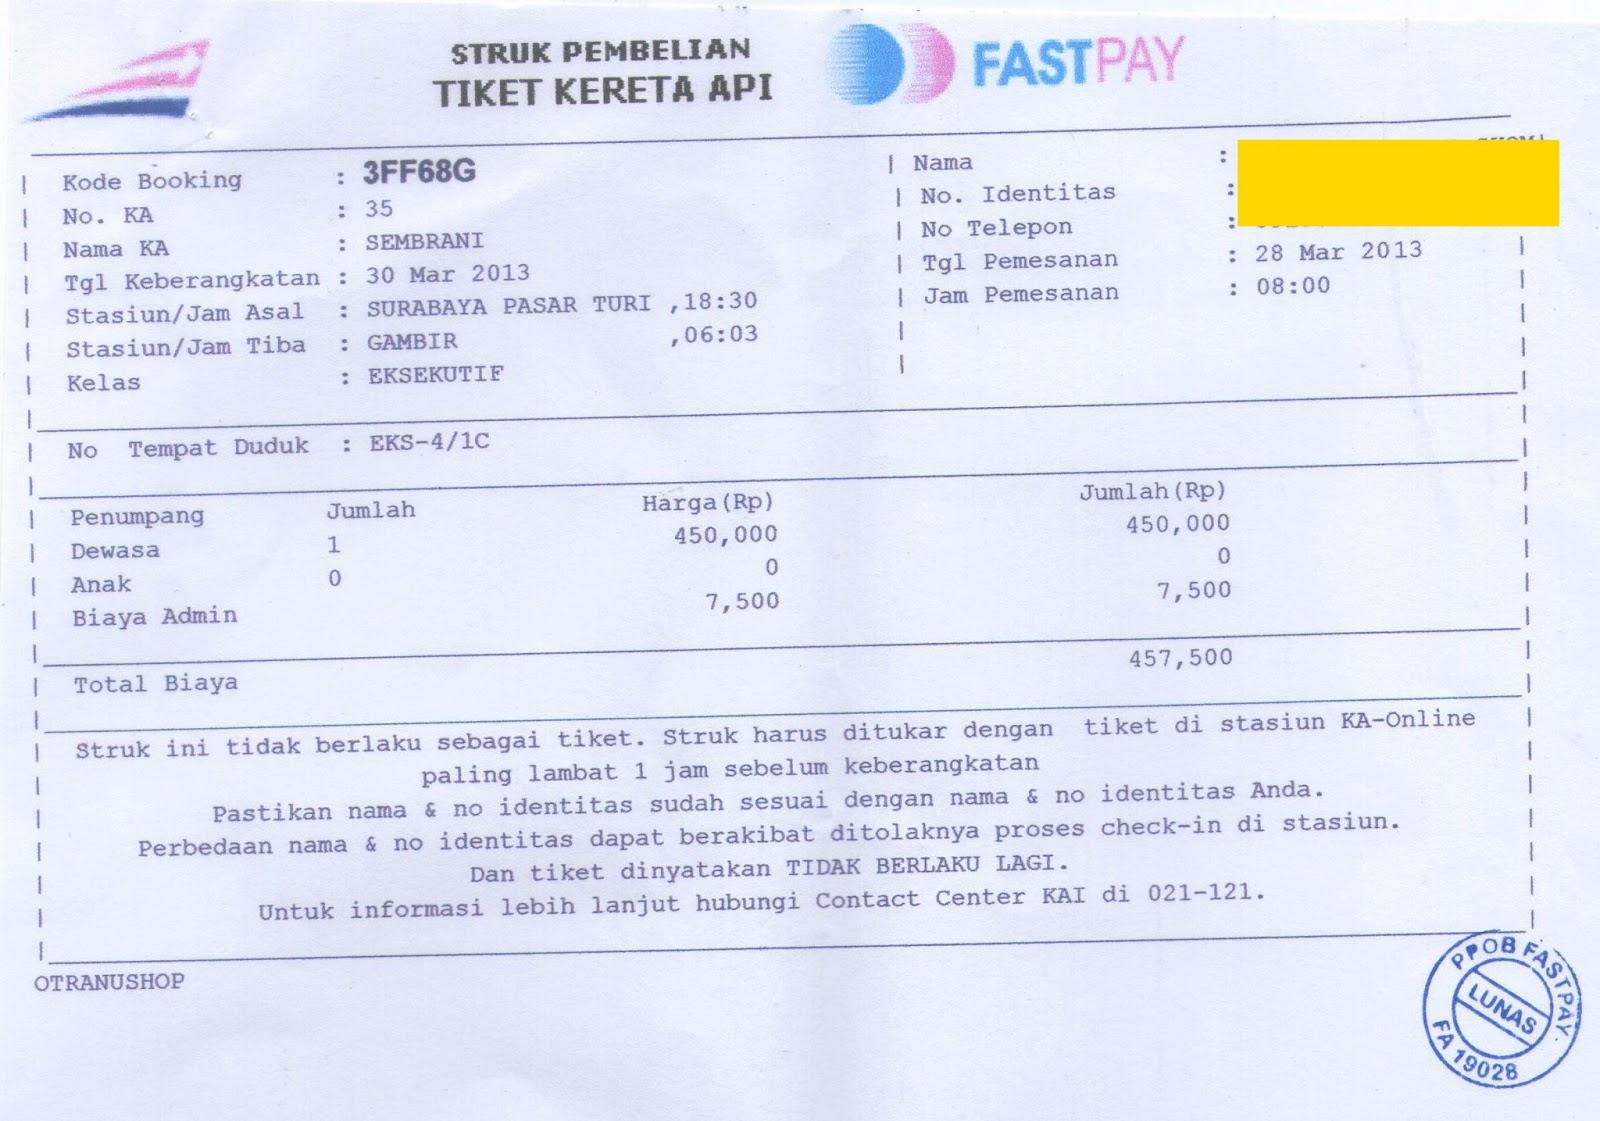 Contoh struk pembelian tiket kereta api loket resmi pembayaran online contoh struk pembelian tiket kereta api stopboris Gallery